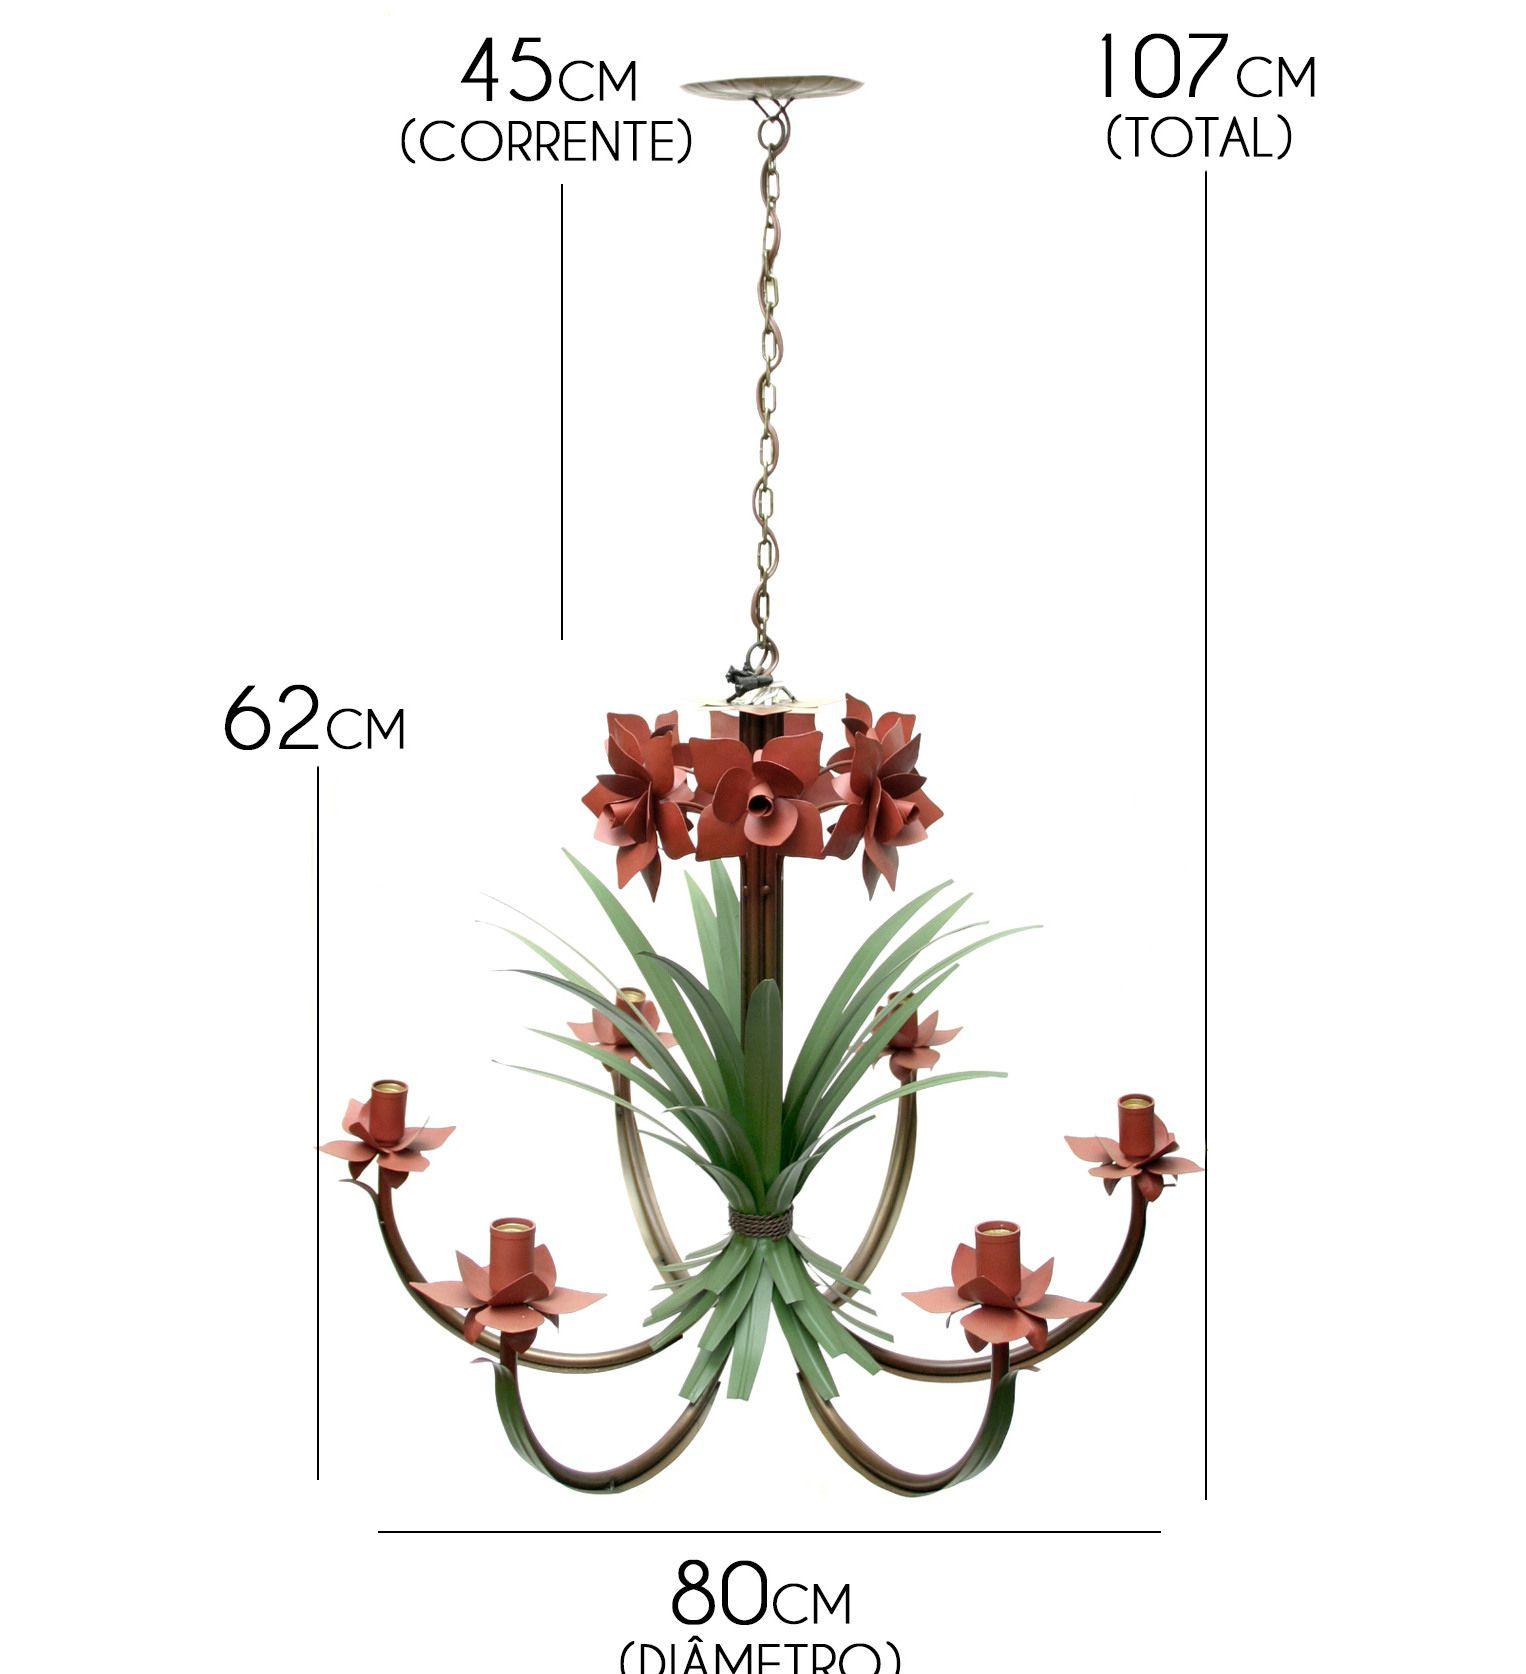 Lustre de Ferro Rústico Varanda ou Sala Clássico com Flores Artesanato Minas